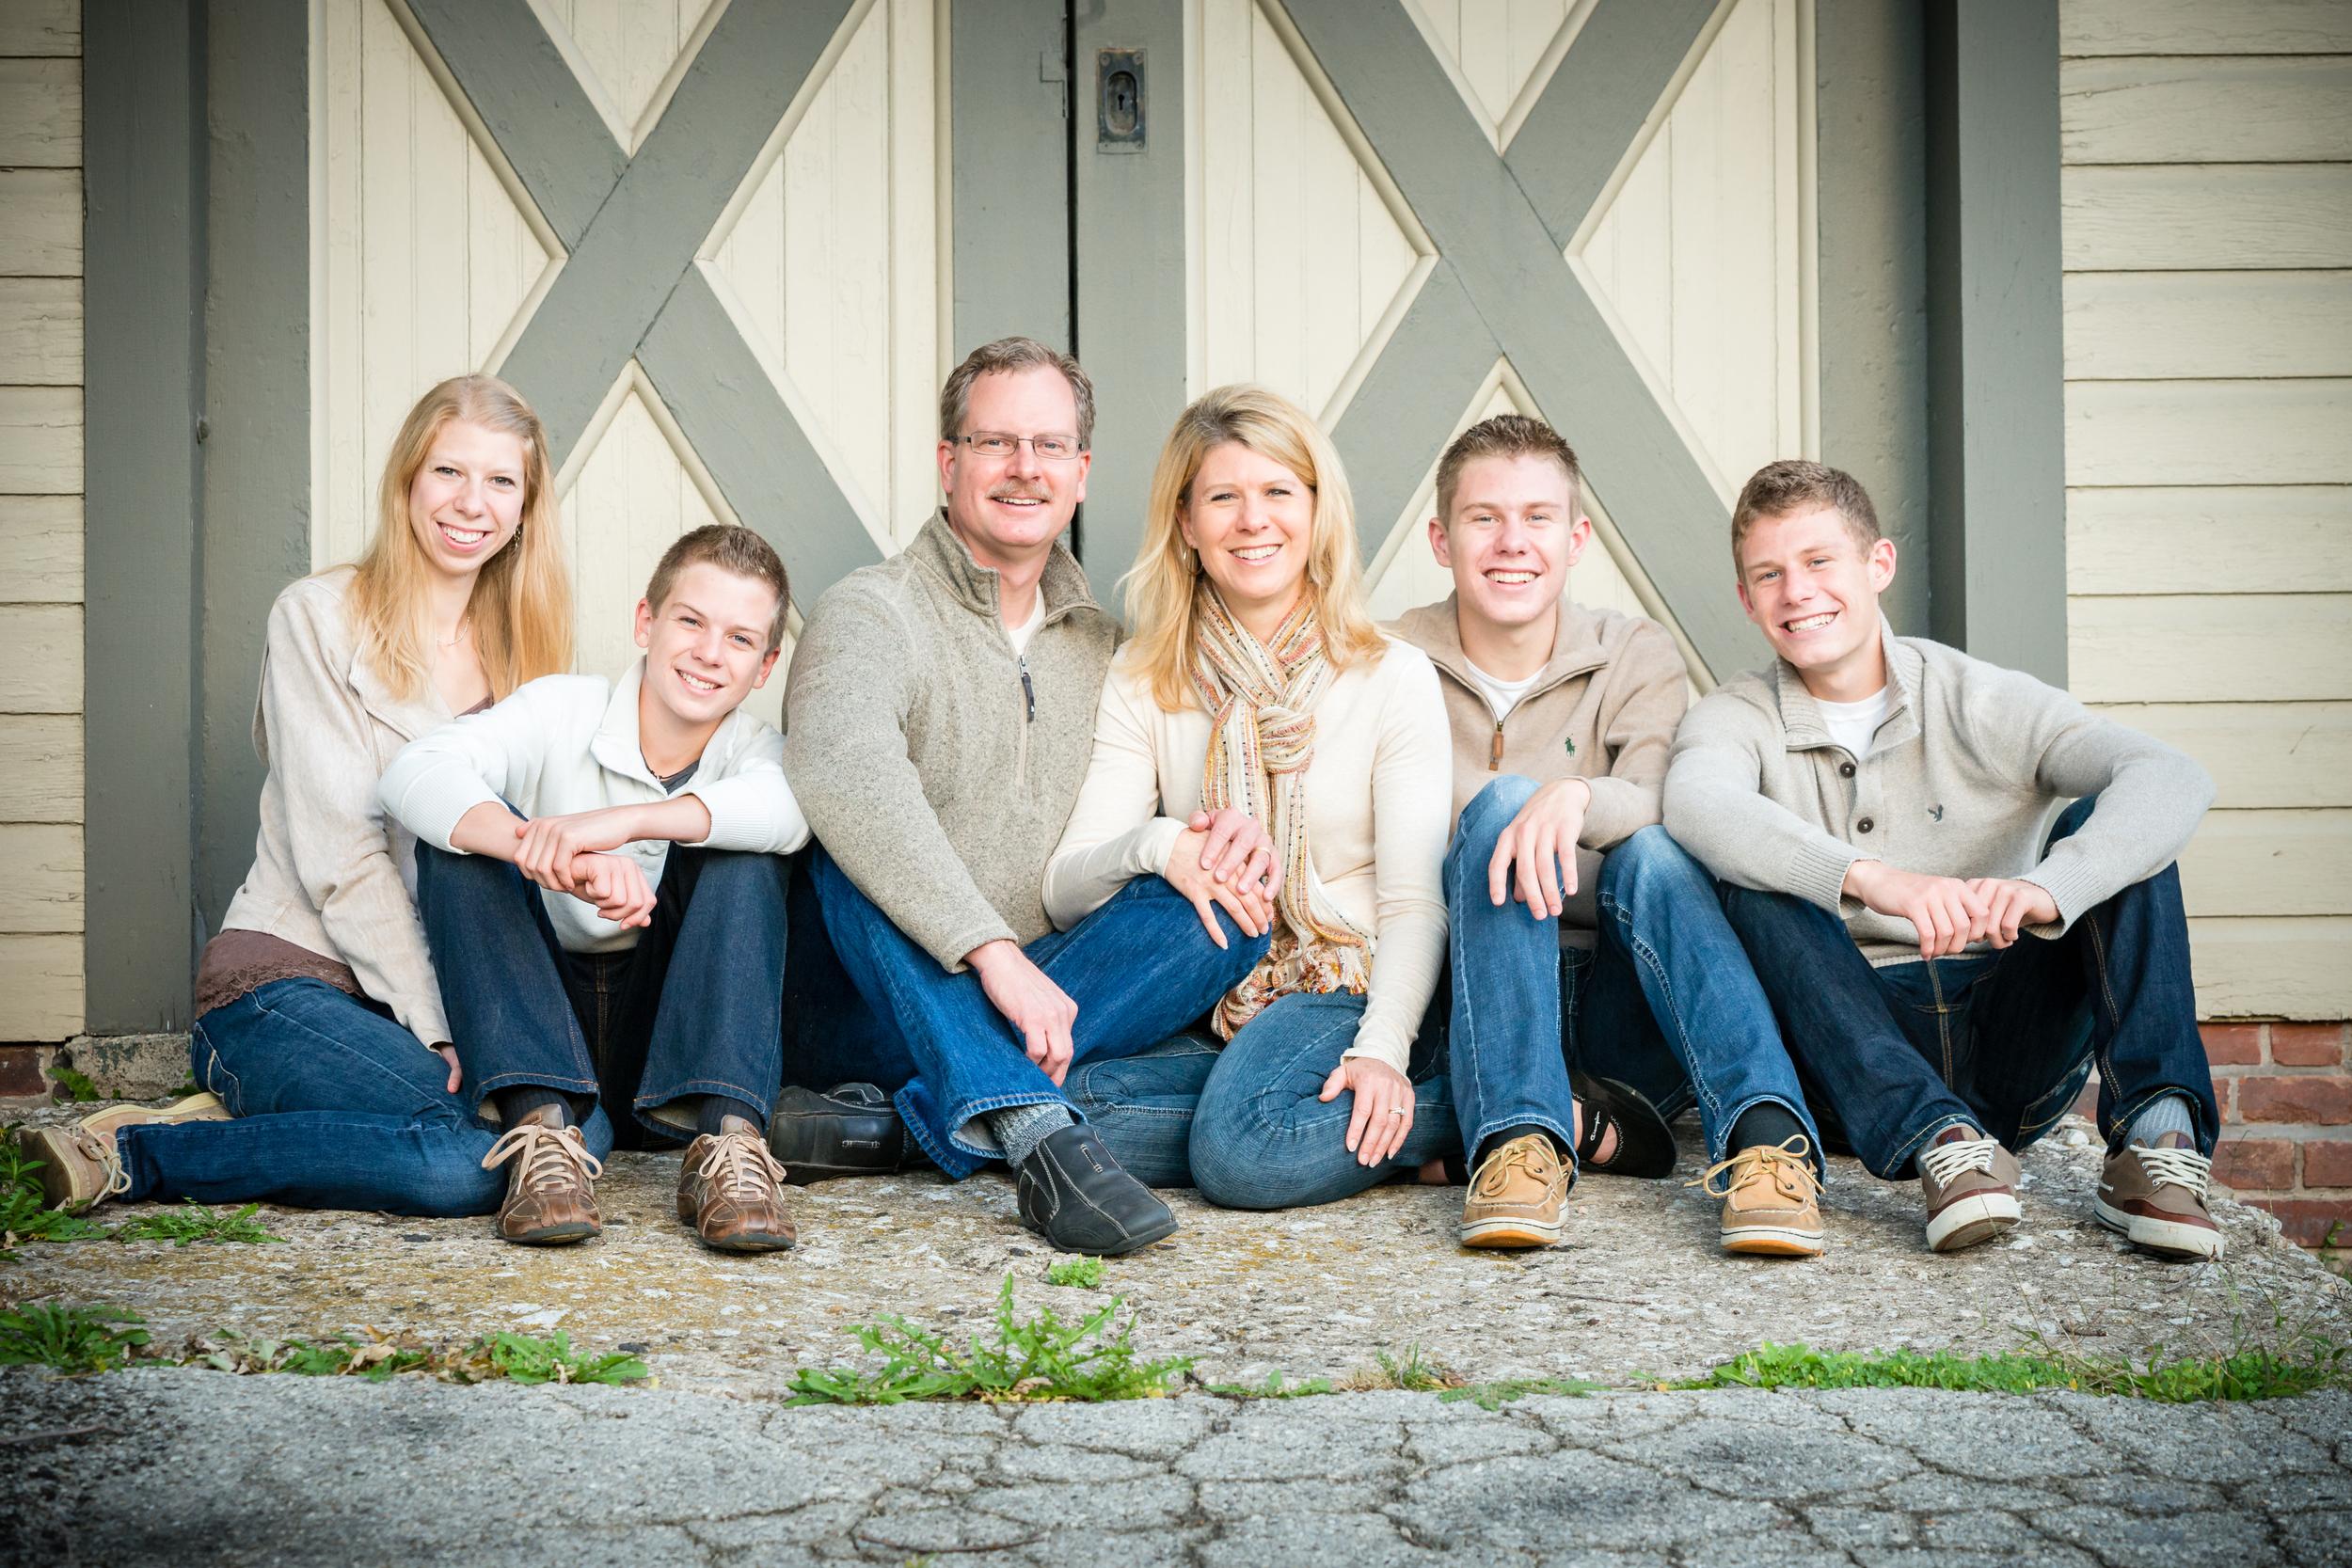 brett-smith-photography-family-kansas-city.jpg